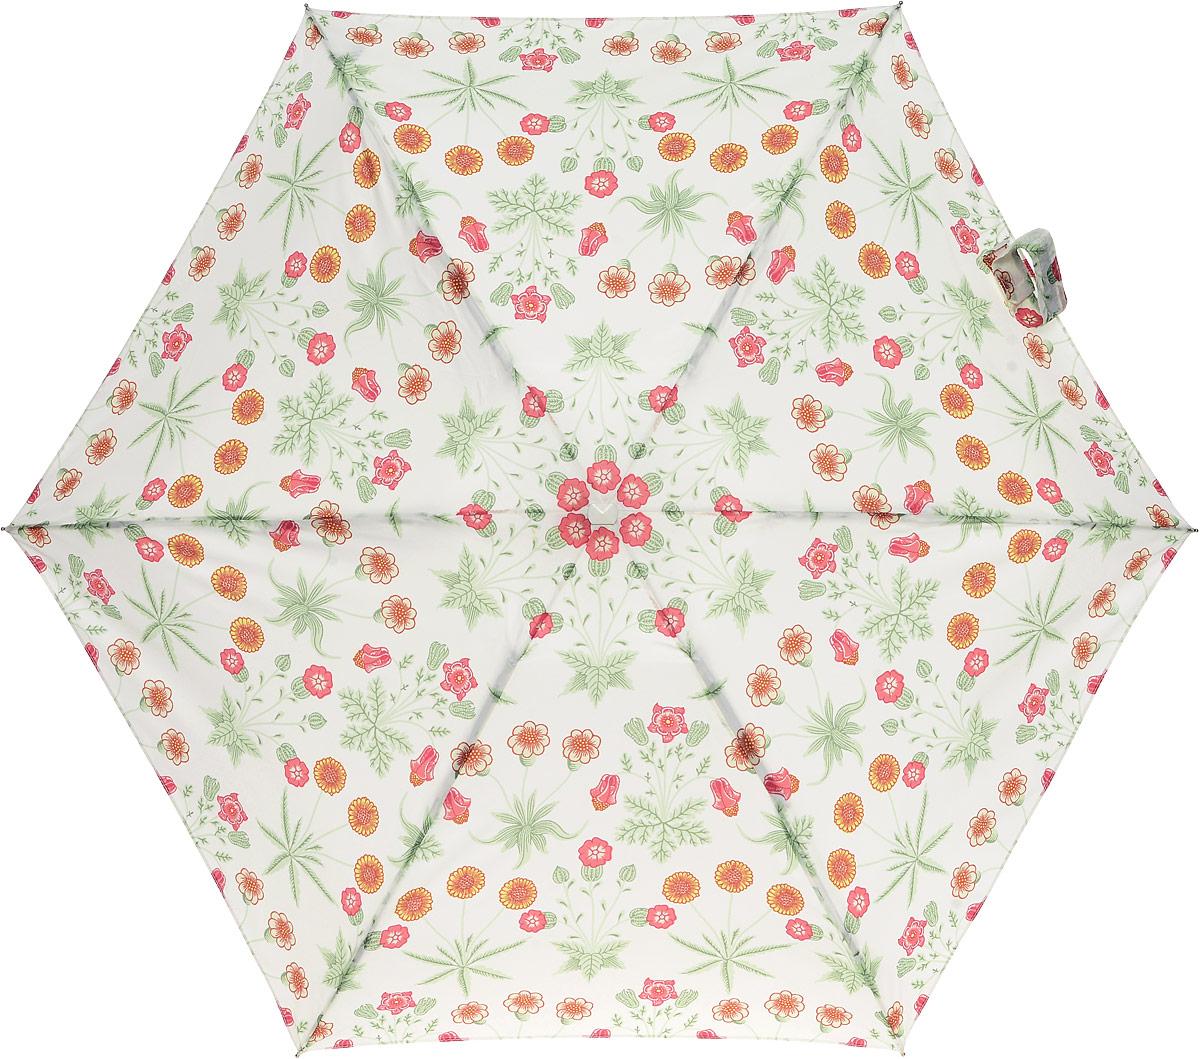 Зонт женский Morris & Co Tiny, механический, 5 сложений, цвет: белый, мультиколор. L713-2794Пуссеты (гвоздики)Стильный механический зонт Morris & Co Tiny в 5 сложений даже в ненастную погоду позволит вам оставаться элегантной. Облегченный каркас зонта выполнен из 6 спиц из фибергласса и алюминия, стержень также изготовлен из алюминия, удобная рукоятка - из дерева. Купол зонта выполнен из прочного полиэстера. В закрытом виде застегивается хлястиком на липучке. Яркий оригинальный цветочный рисунок поднимет настроение в дождливый день.Зонт механического сложения: купол открывается и закрывается вручную до характерного щелчка.На рукоятке для удобства есть небольшой шнурок, позволяющий надеть зонт на руку тогда, когда это будет необходимо. К зонту прилагается чехол, который оформлен нашивкой с названием бренда. Такой зонт компактно располагается в кармане, сумочке, дверке автомобиля.